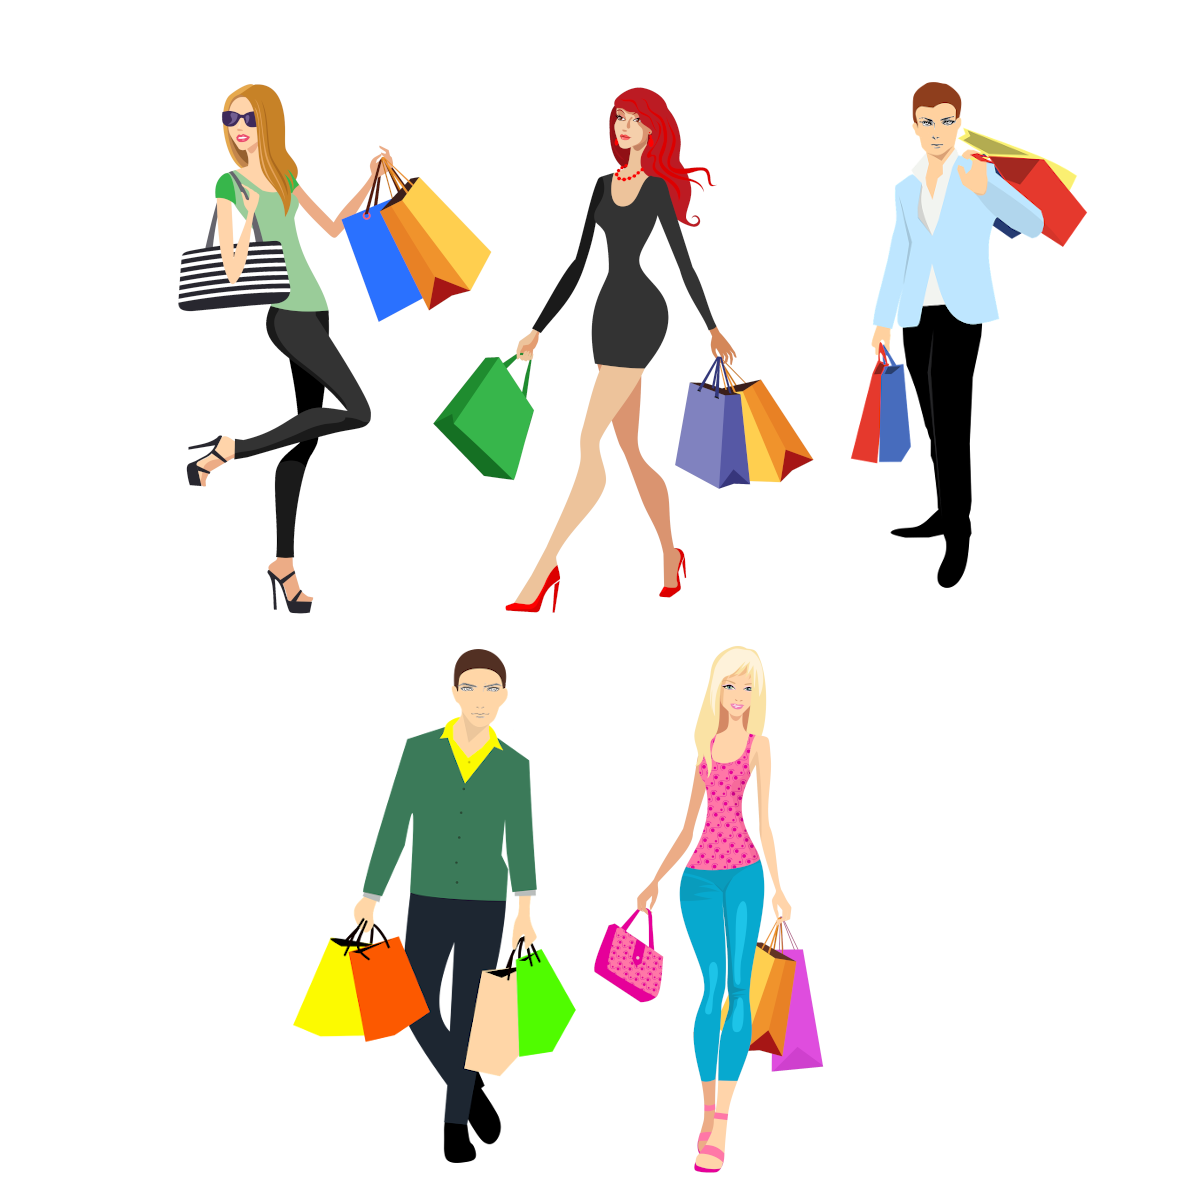 Dibujos de jovenes con bolsas de la compra de moda